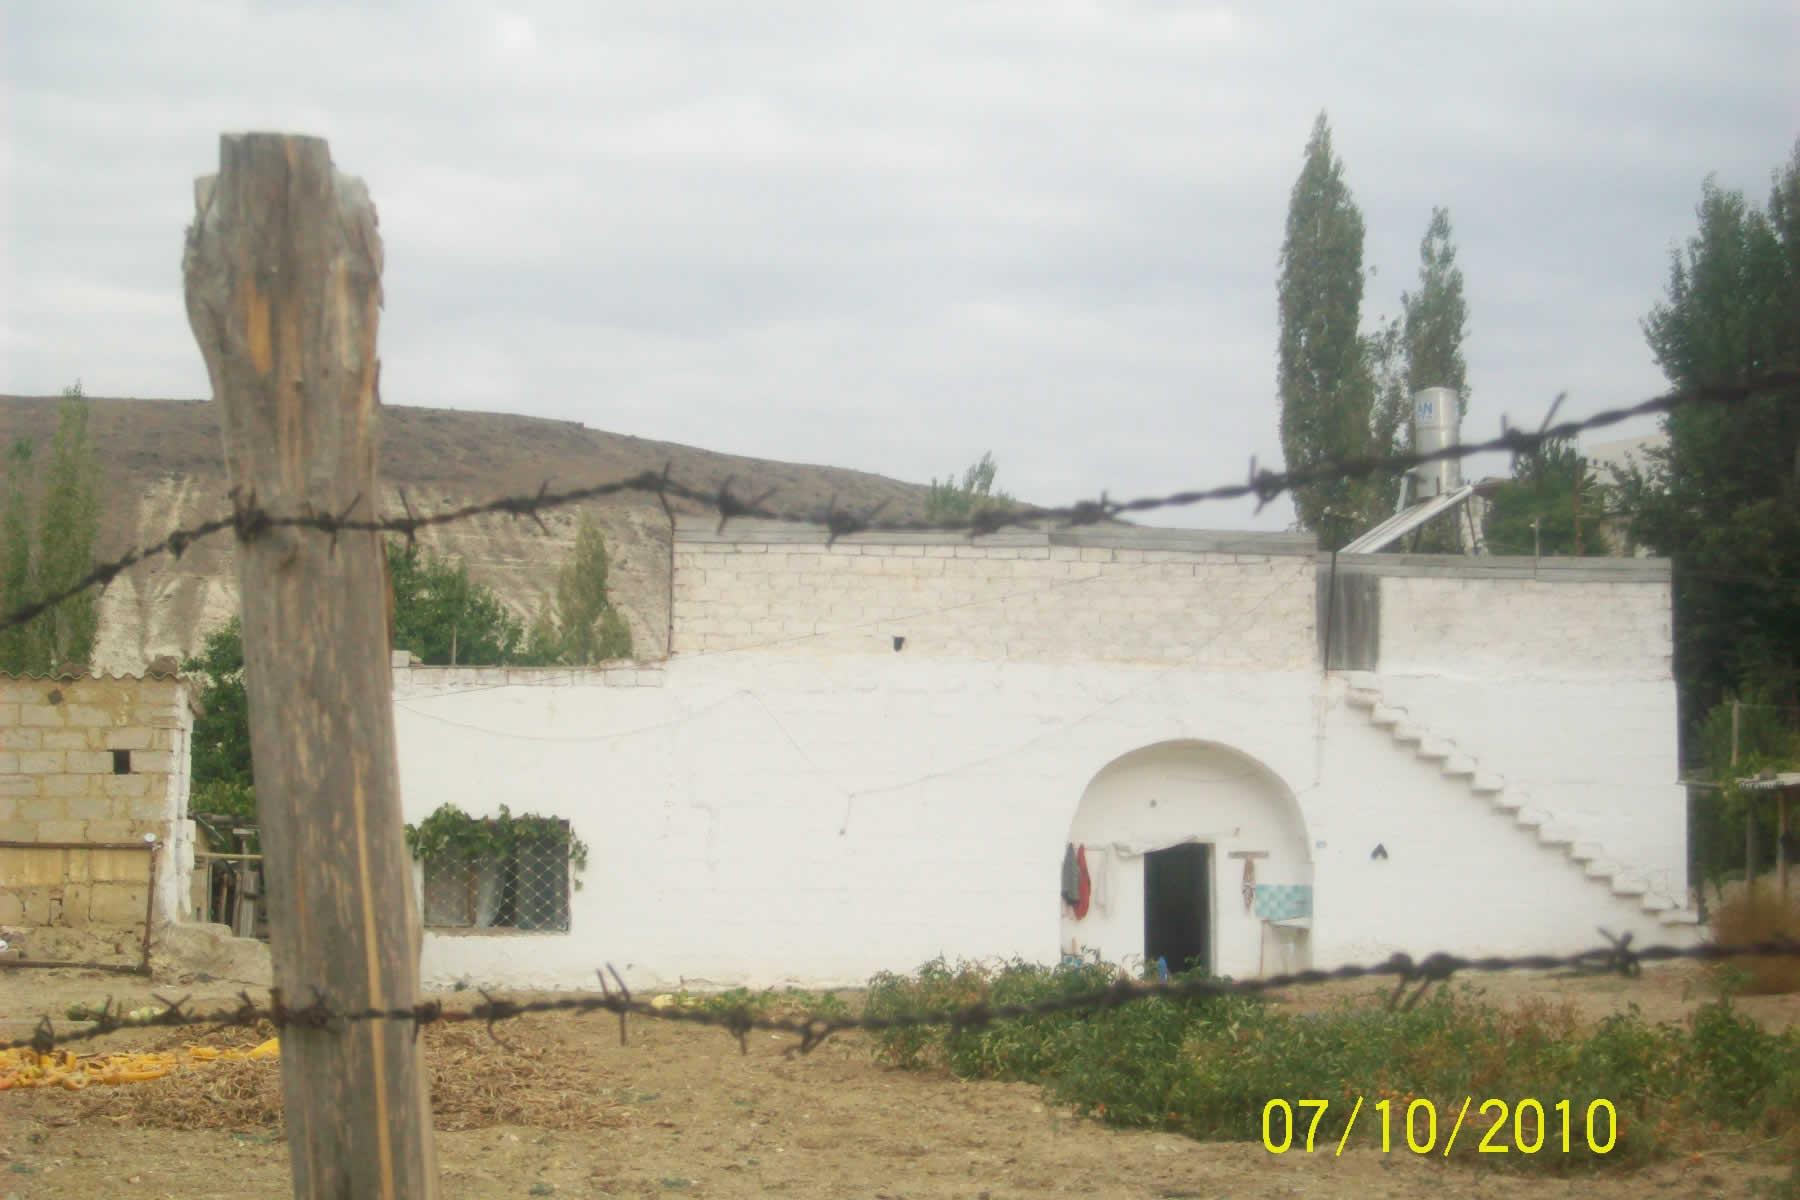 Anadoluda kesme taştan yapılmış bir köy evi